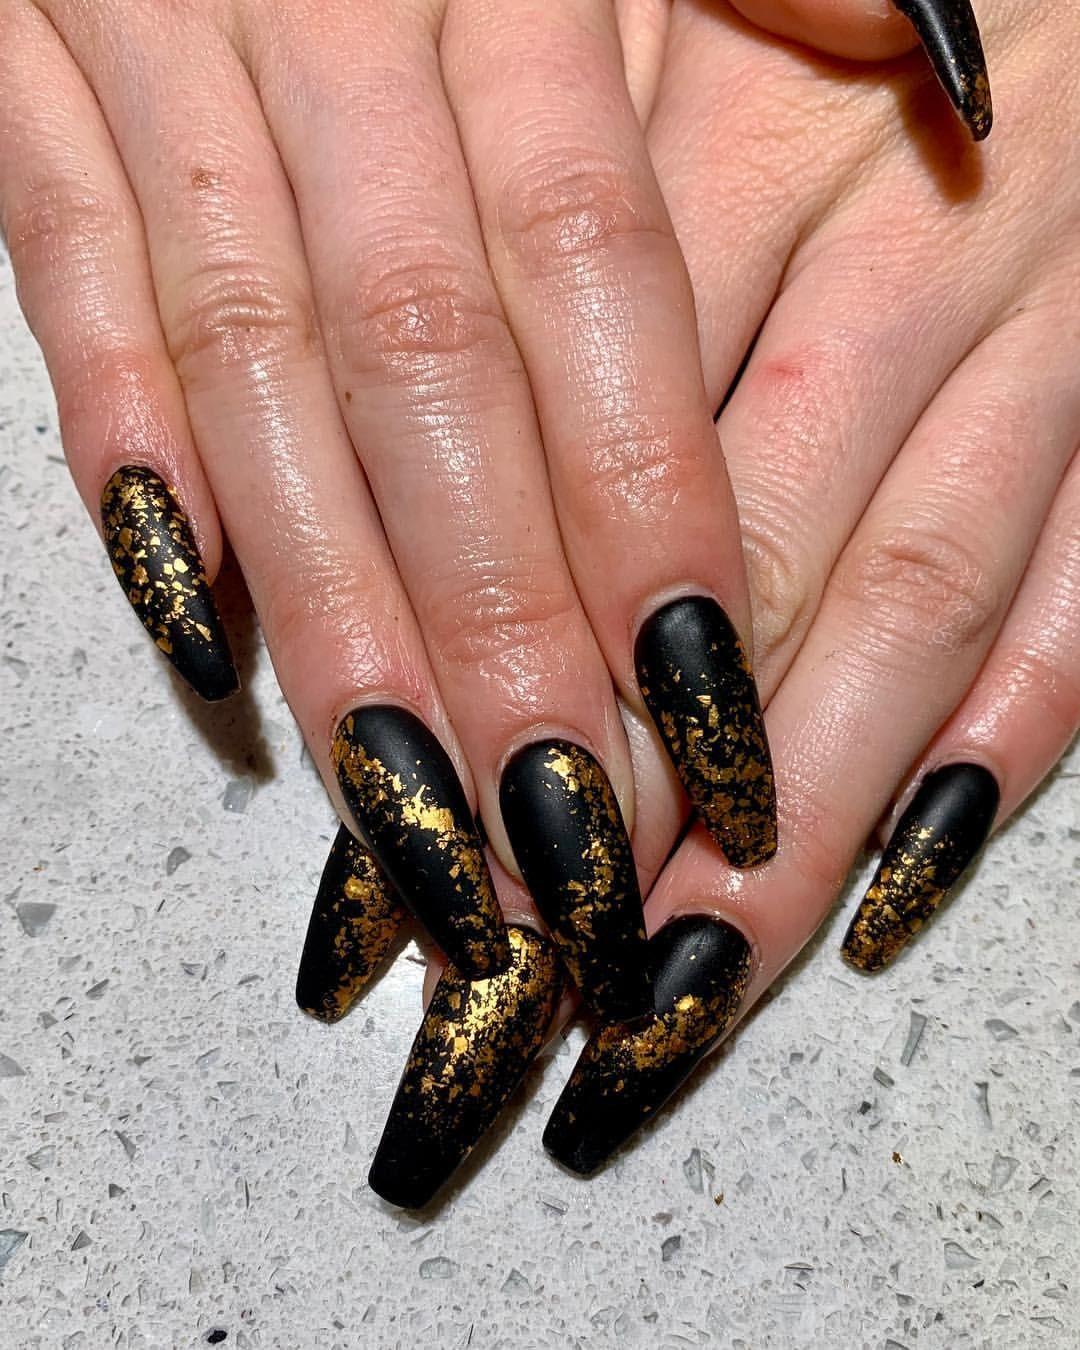 Acrylic Nails Black Nails Gold Nails Gold Flakes Nail Art Nail Design Matte Nails Long Nails Coffin Nai Black Gold Nails Gold Nails Black Acrylic Nails